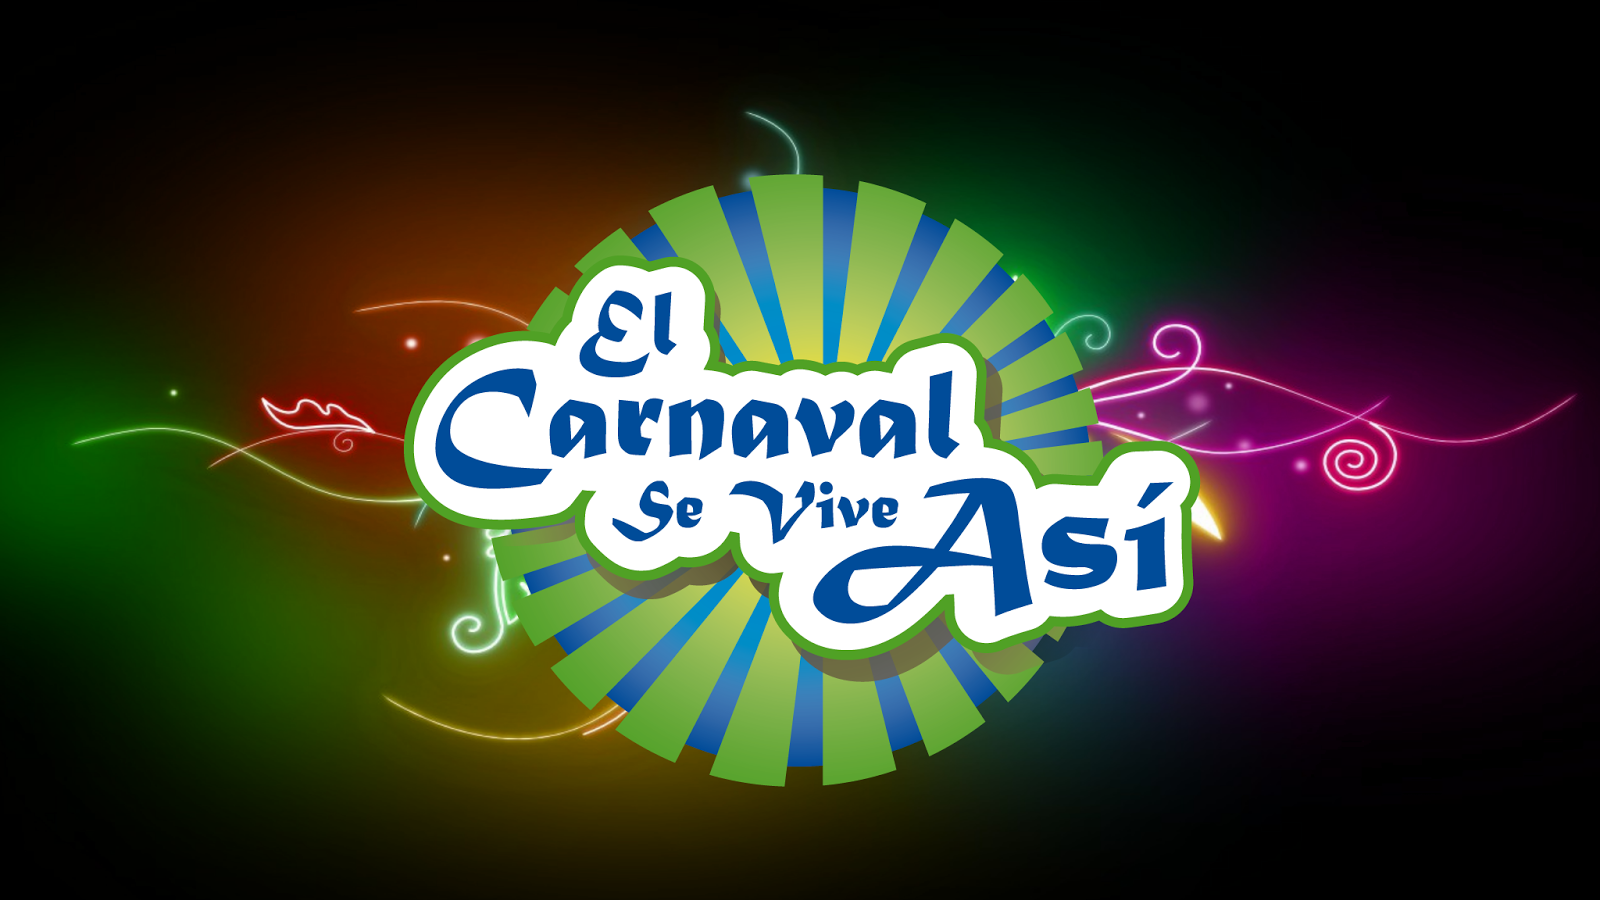 EL CARNAVAL SE VIVE ASÍ - CARNAVAL DE GUALEGUAYCHU 2015 - EL CARNAVAL DEL PAÍS 2015